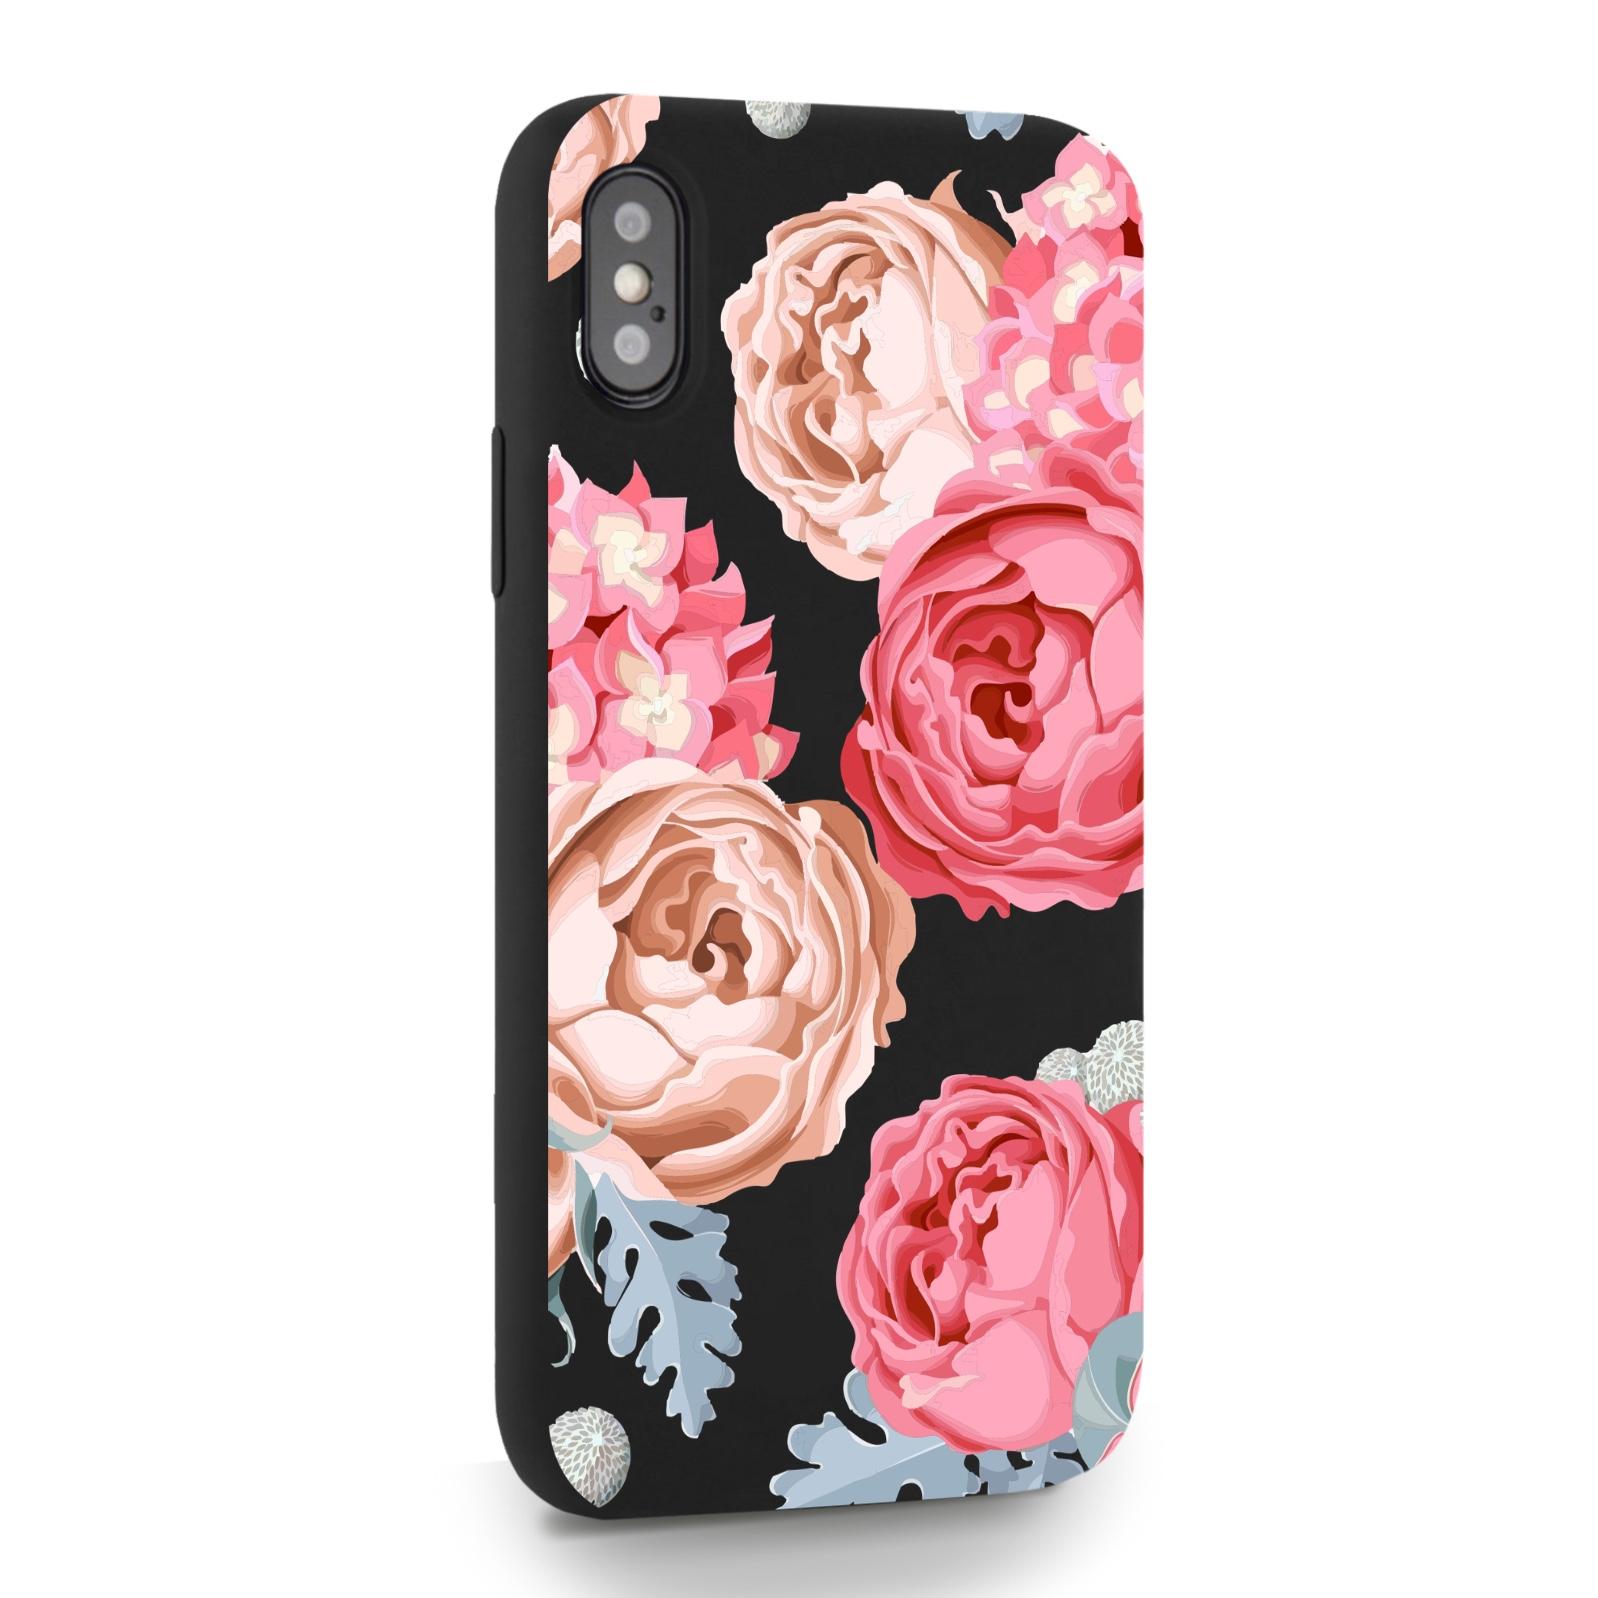 Черный силиконовый чехол для iPhone X/XS Пионы для Айфон 10/10с